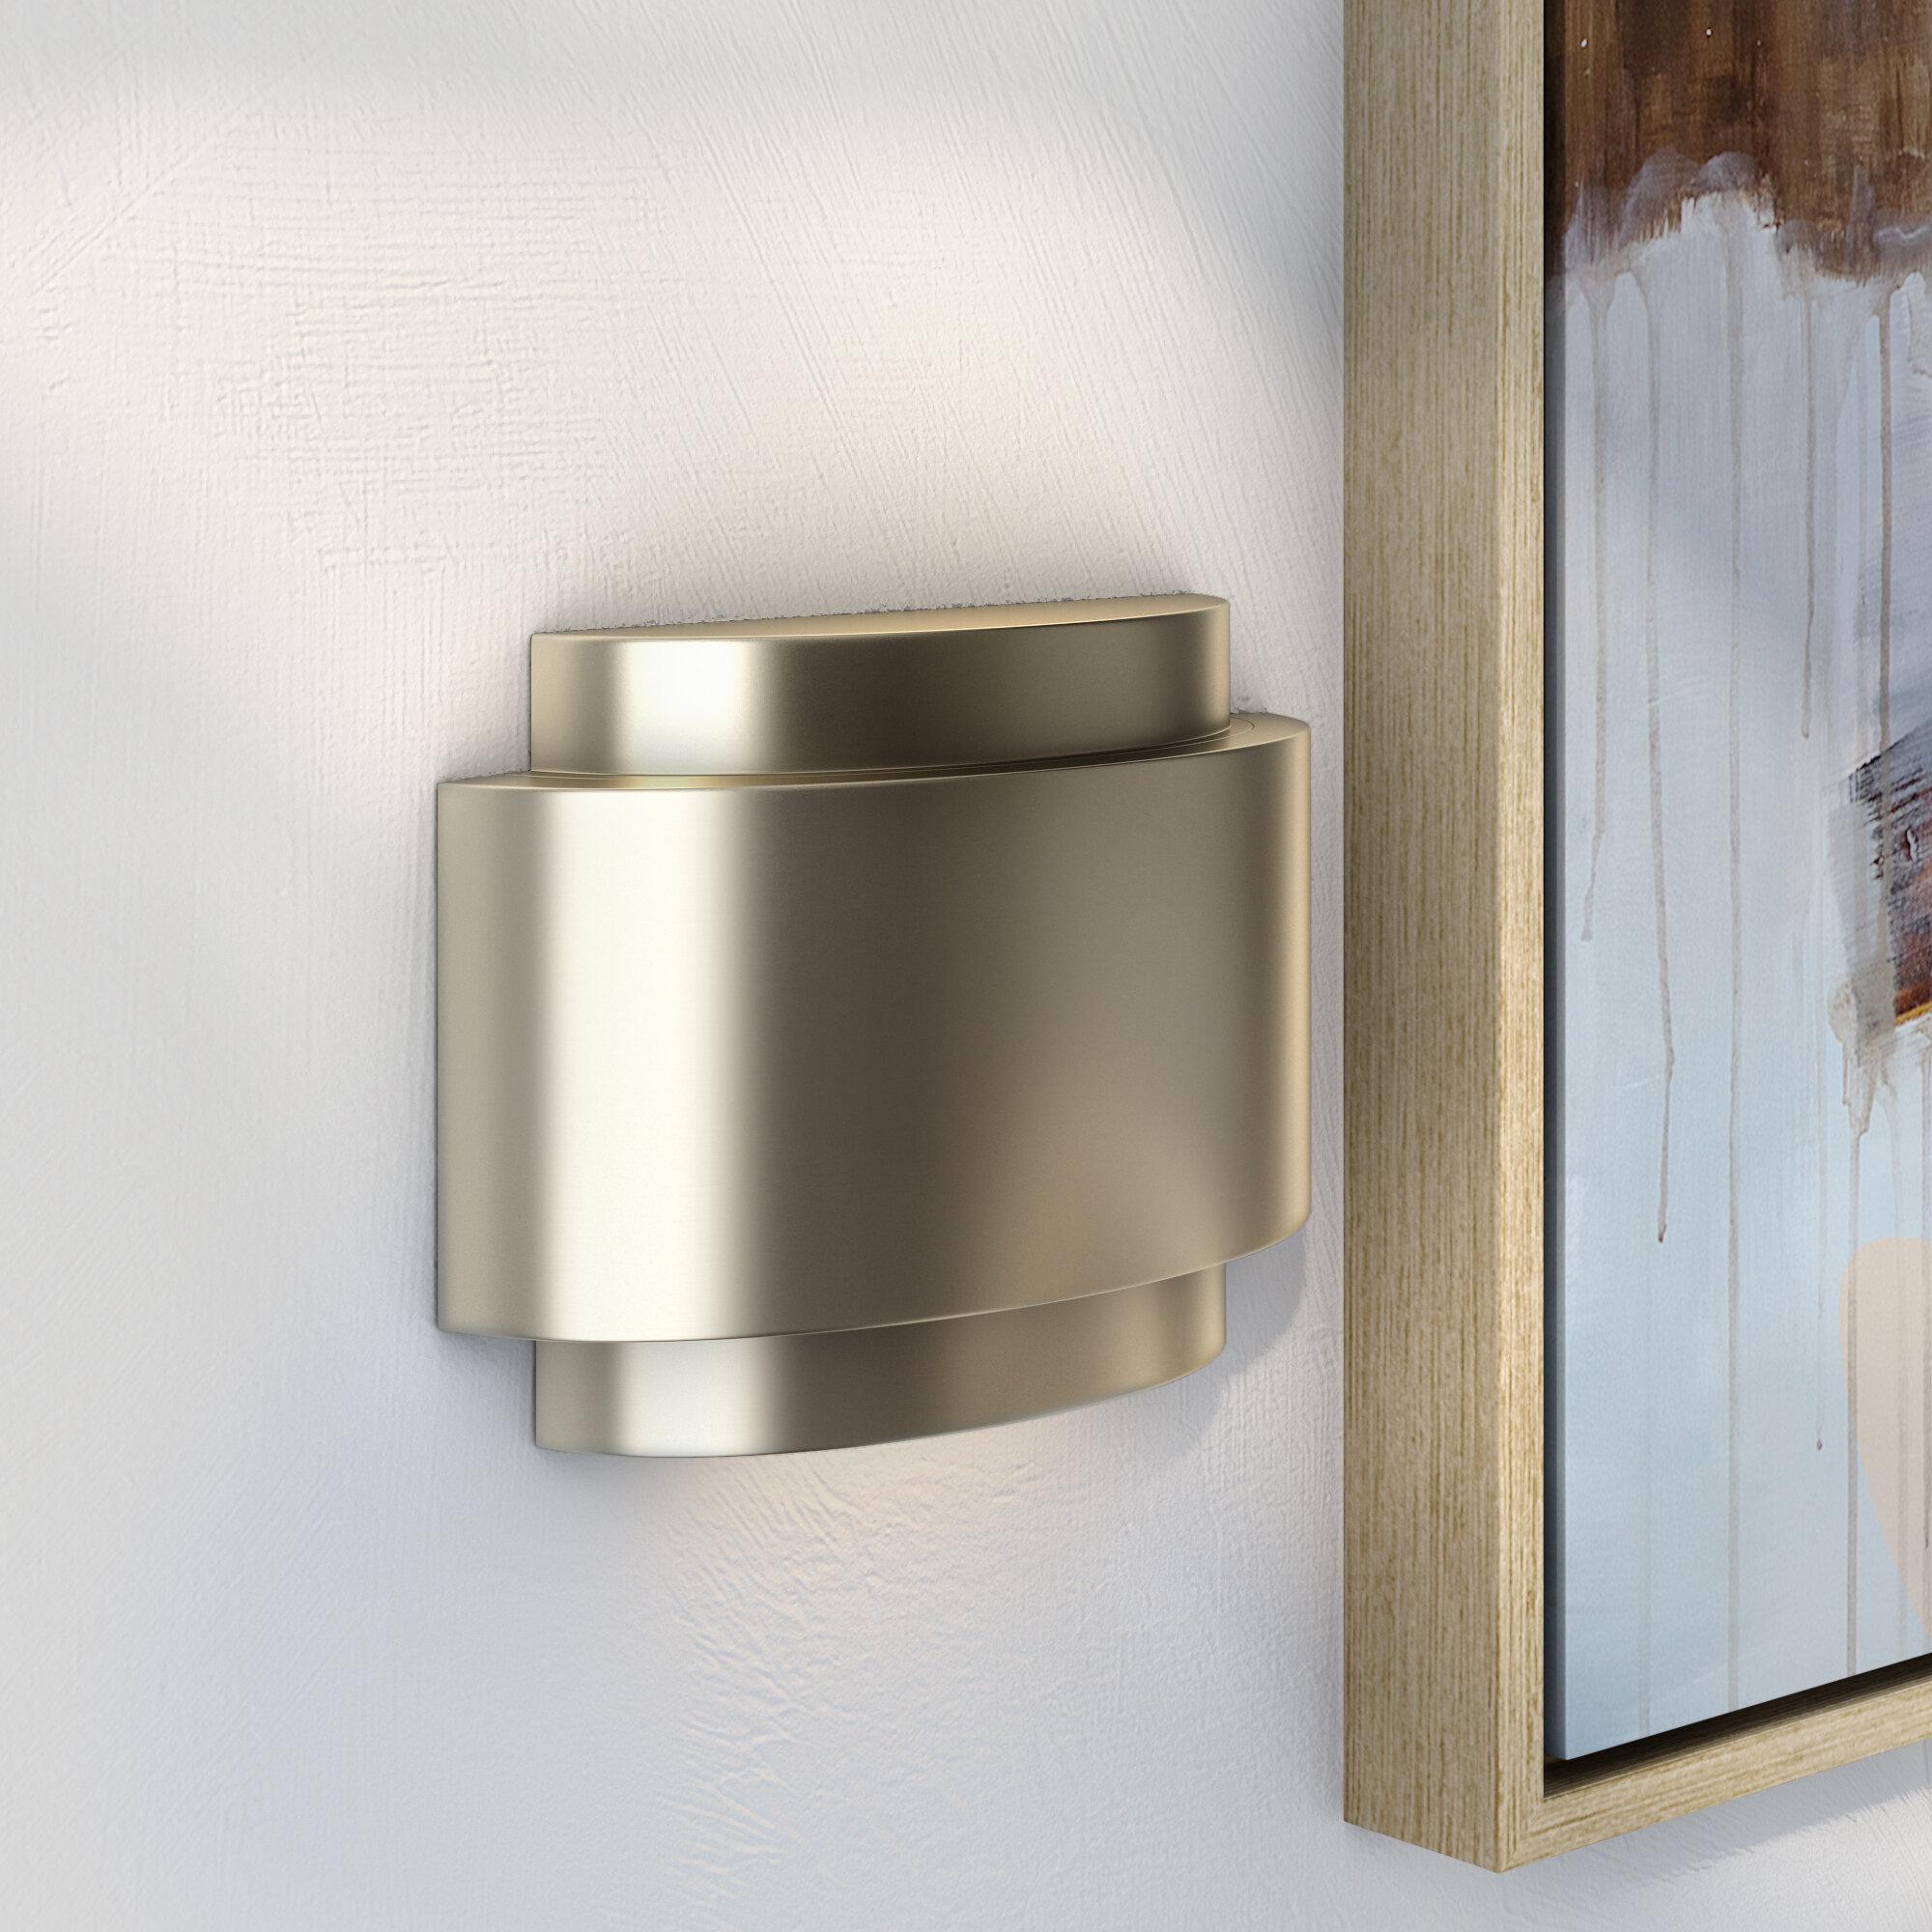 Wade Logan Contemporary Door Chime In Stainless Steel U0026 Reviews | Wayfair